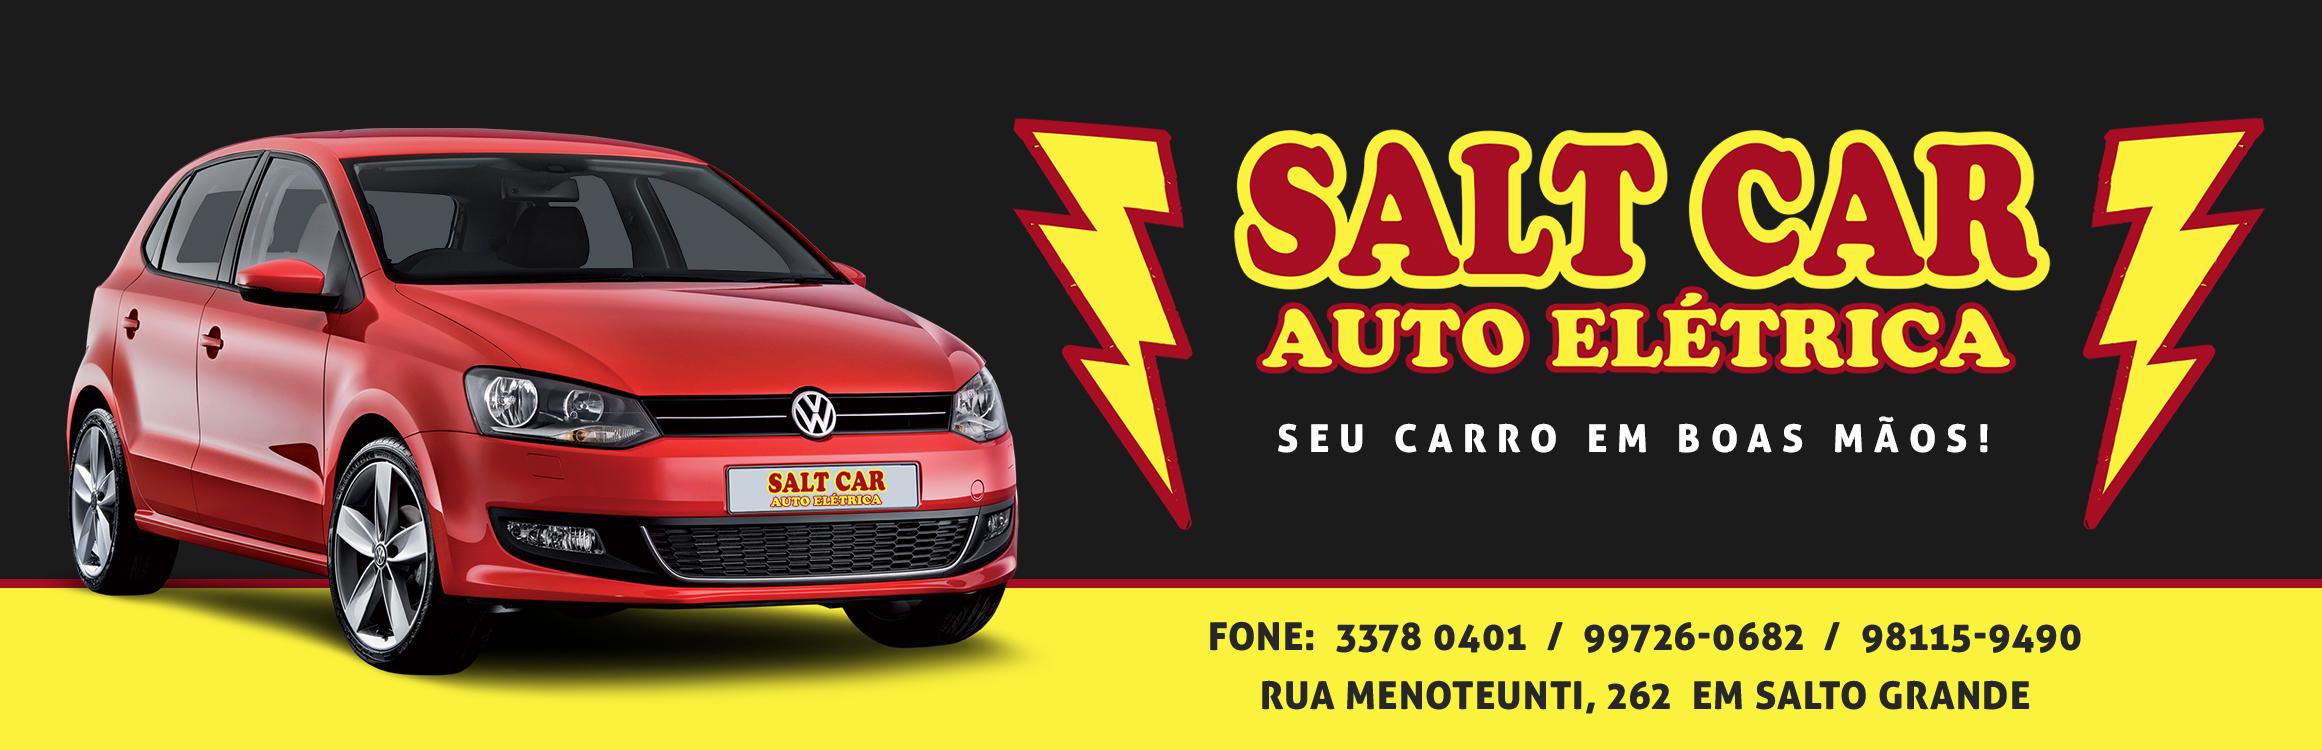 Salt Car Auto Eletrica